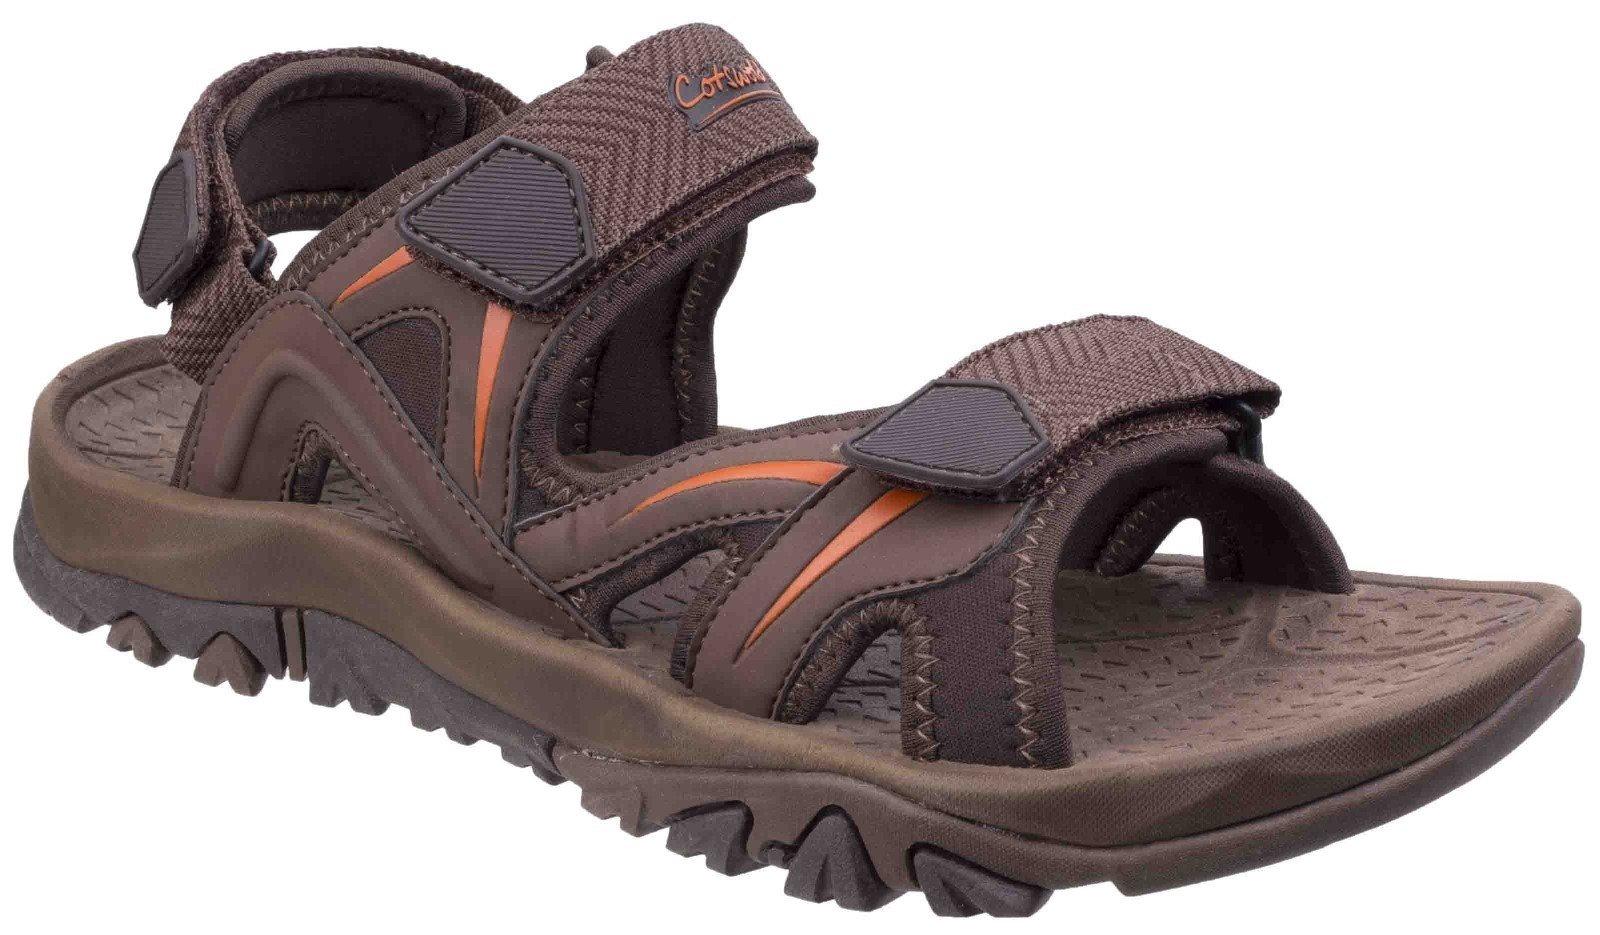 Cotswold Men's Cutsdean Sandal Various Colours 26276 - Brown/Orange 7